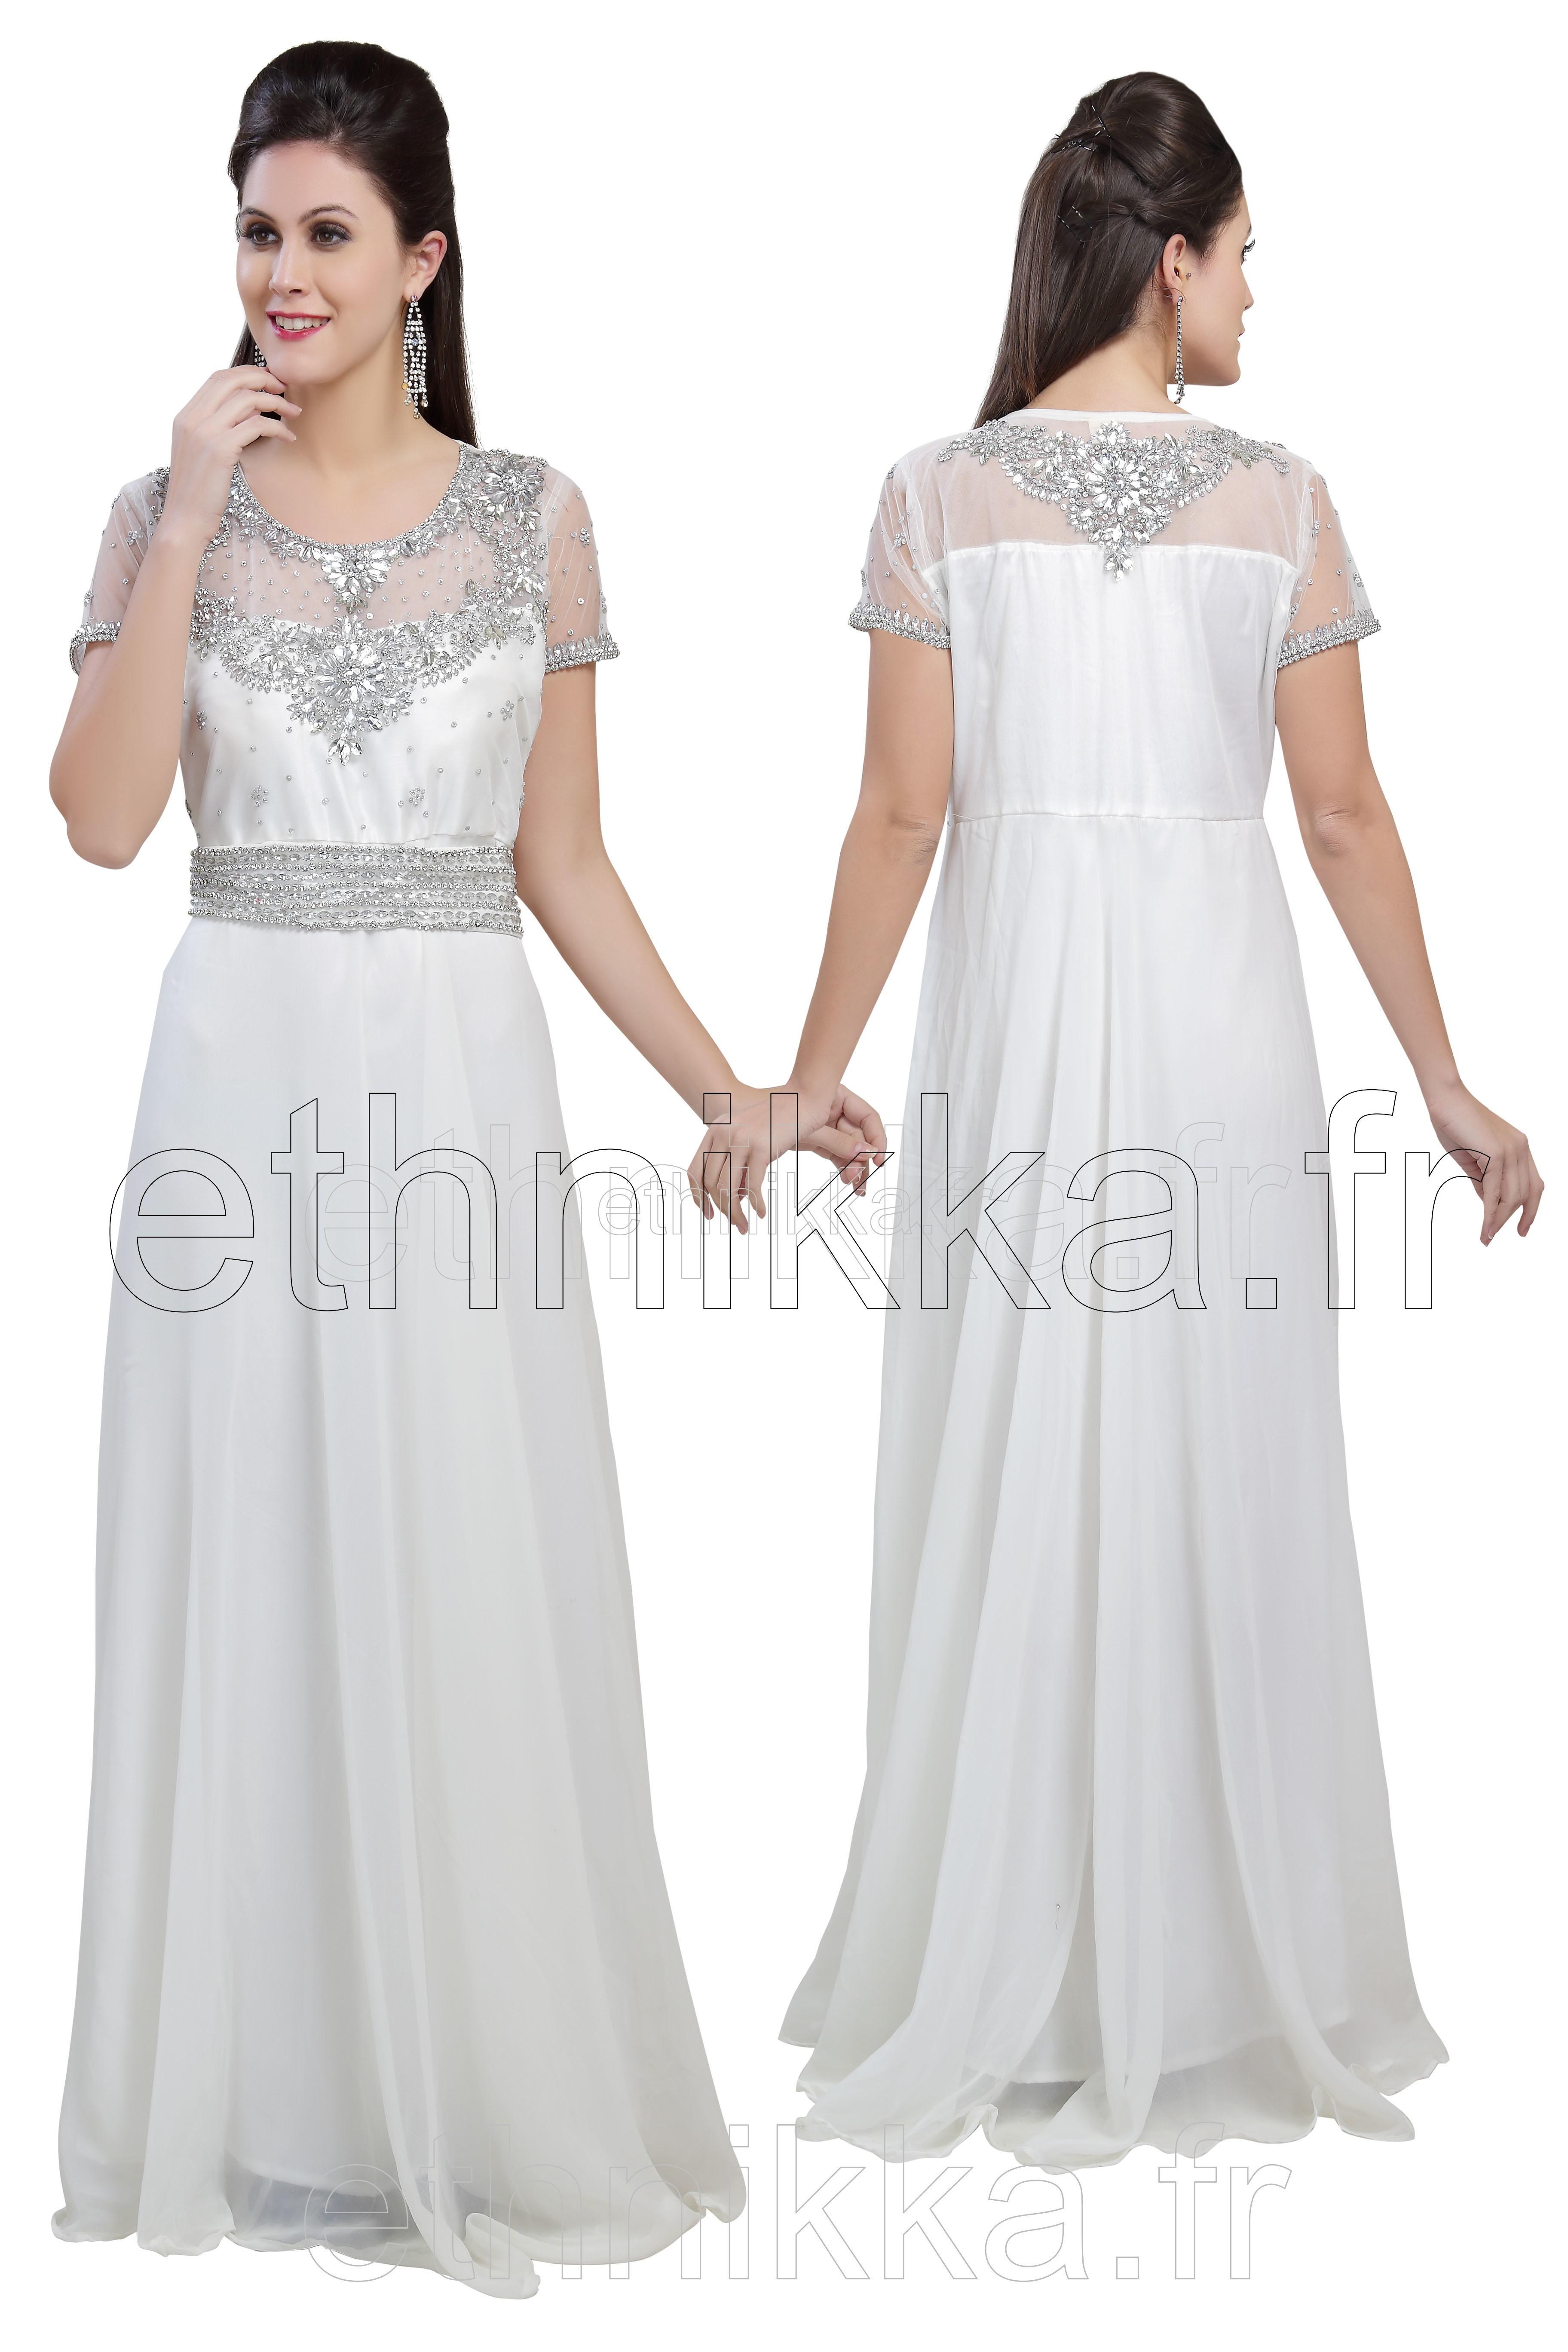 robe de soiree blanche et argentee la mode des robes de. Black Bedroom Furniture Sets. Home Design Ideas